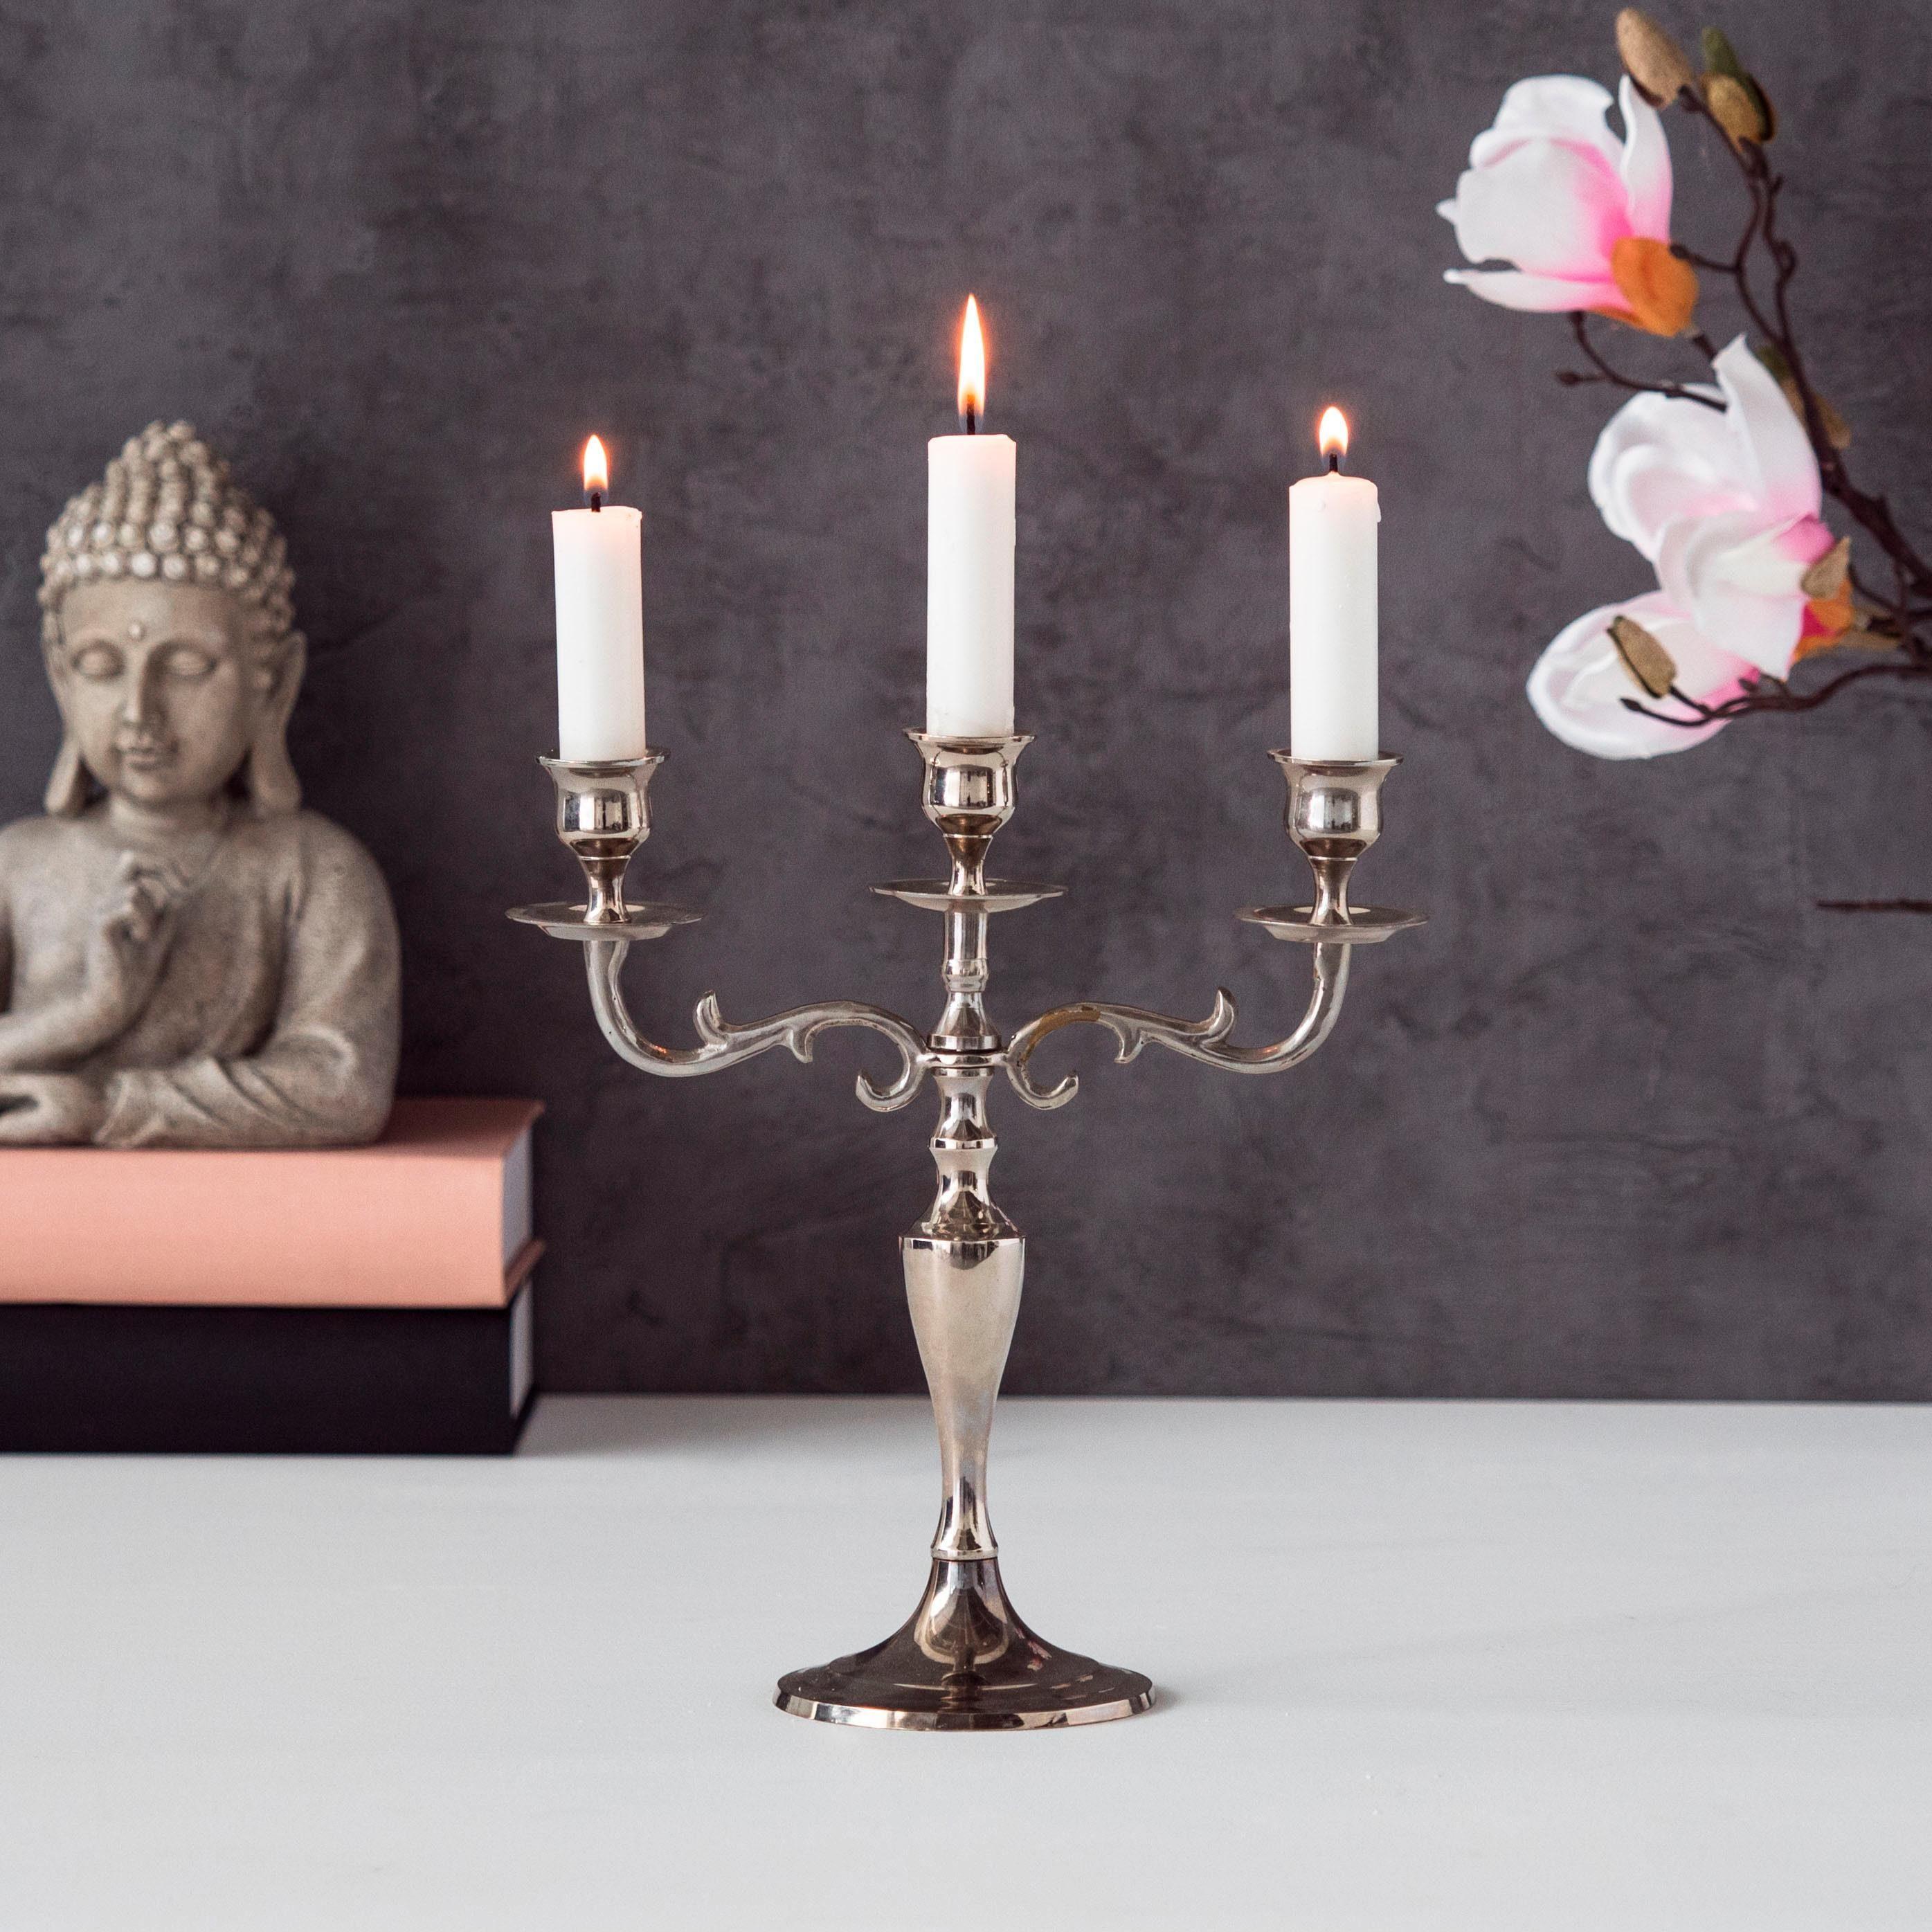 Home affaire Kerzenleuchter »Varas« für 3 Kerzen, Höhe 26cm